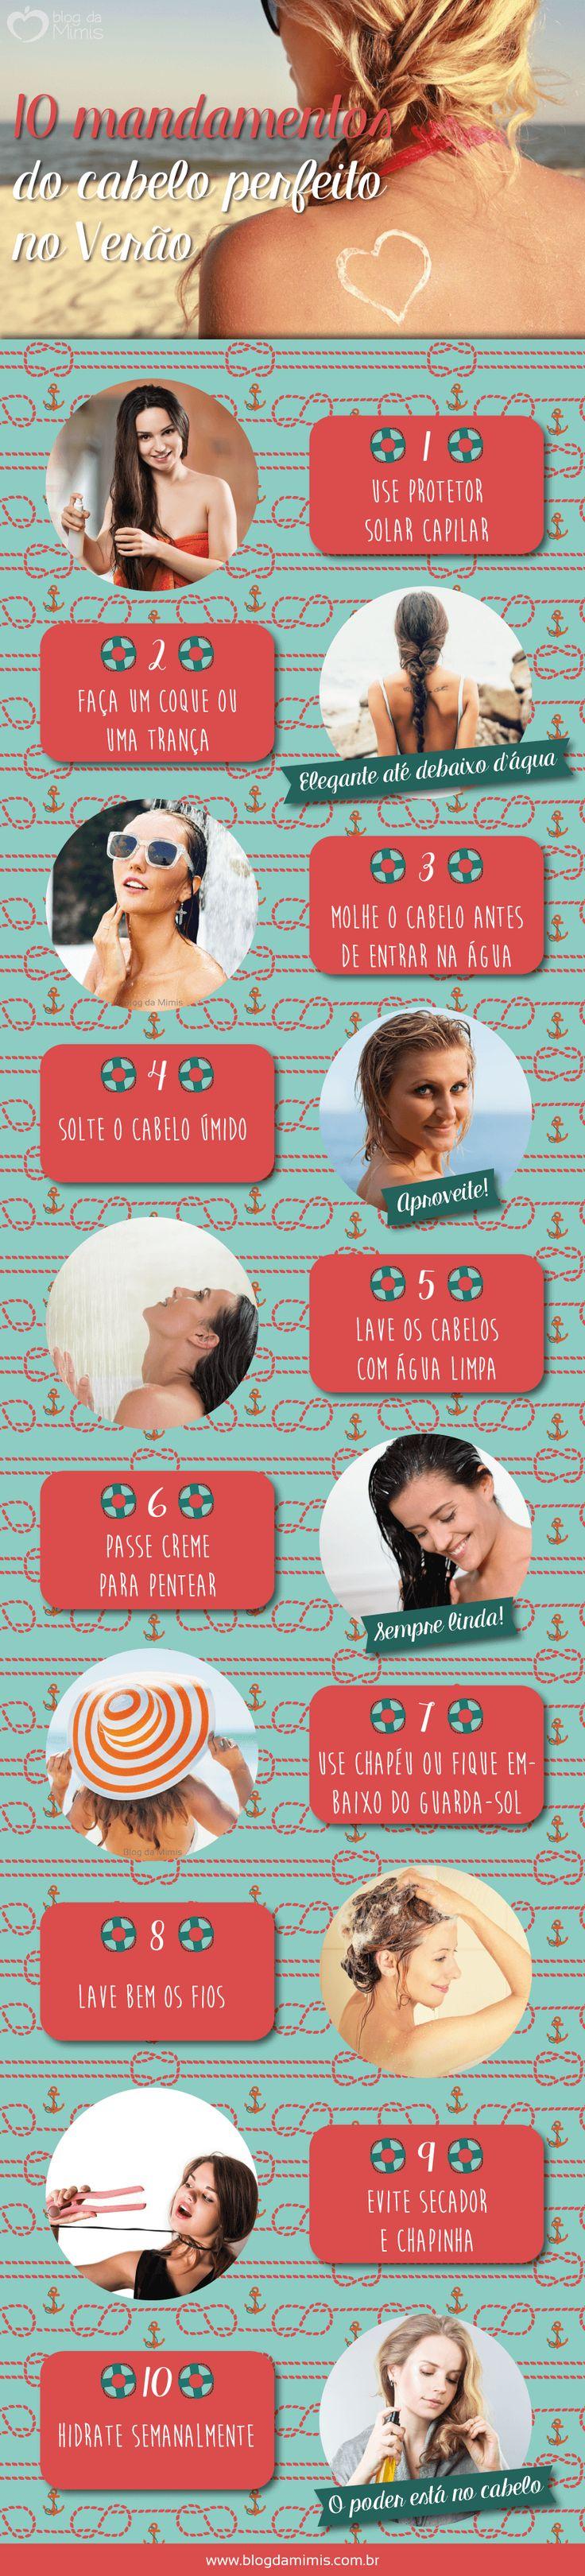 10 mandamentos do cabelo perfeito no Verão - Blog da Mimis - Afinal, como proteger os cabelos nessa época do ano, em que os fios ficam mais expostos ao sol, ao mar e ao cloro?